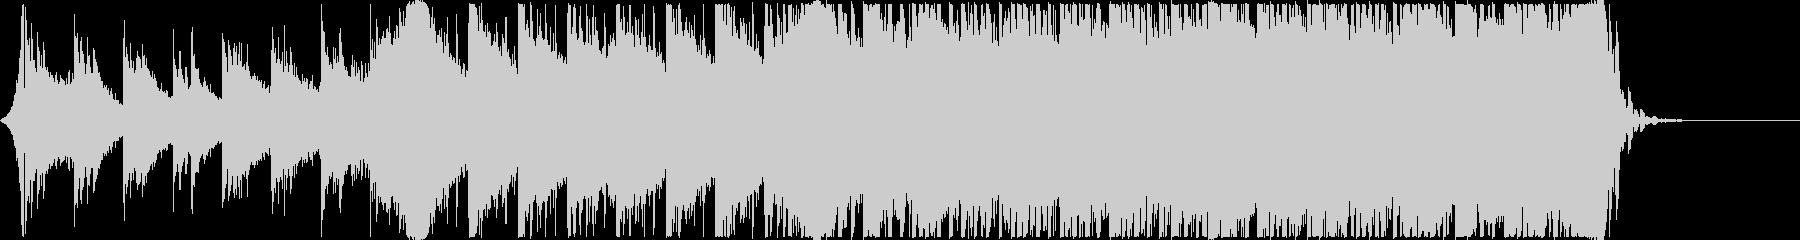 ゲーム・アニメCM用「始まり」系BGMの未再生の波形